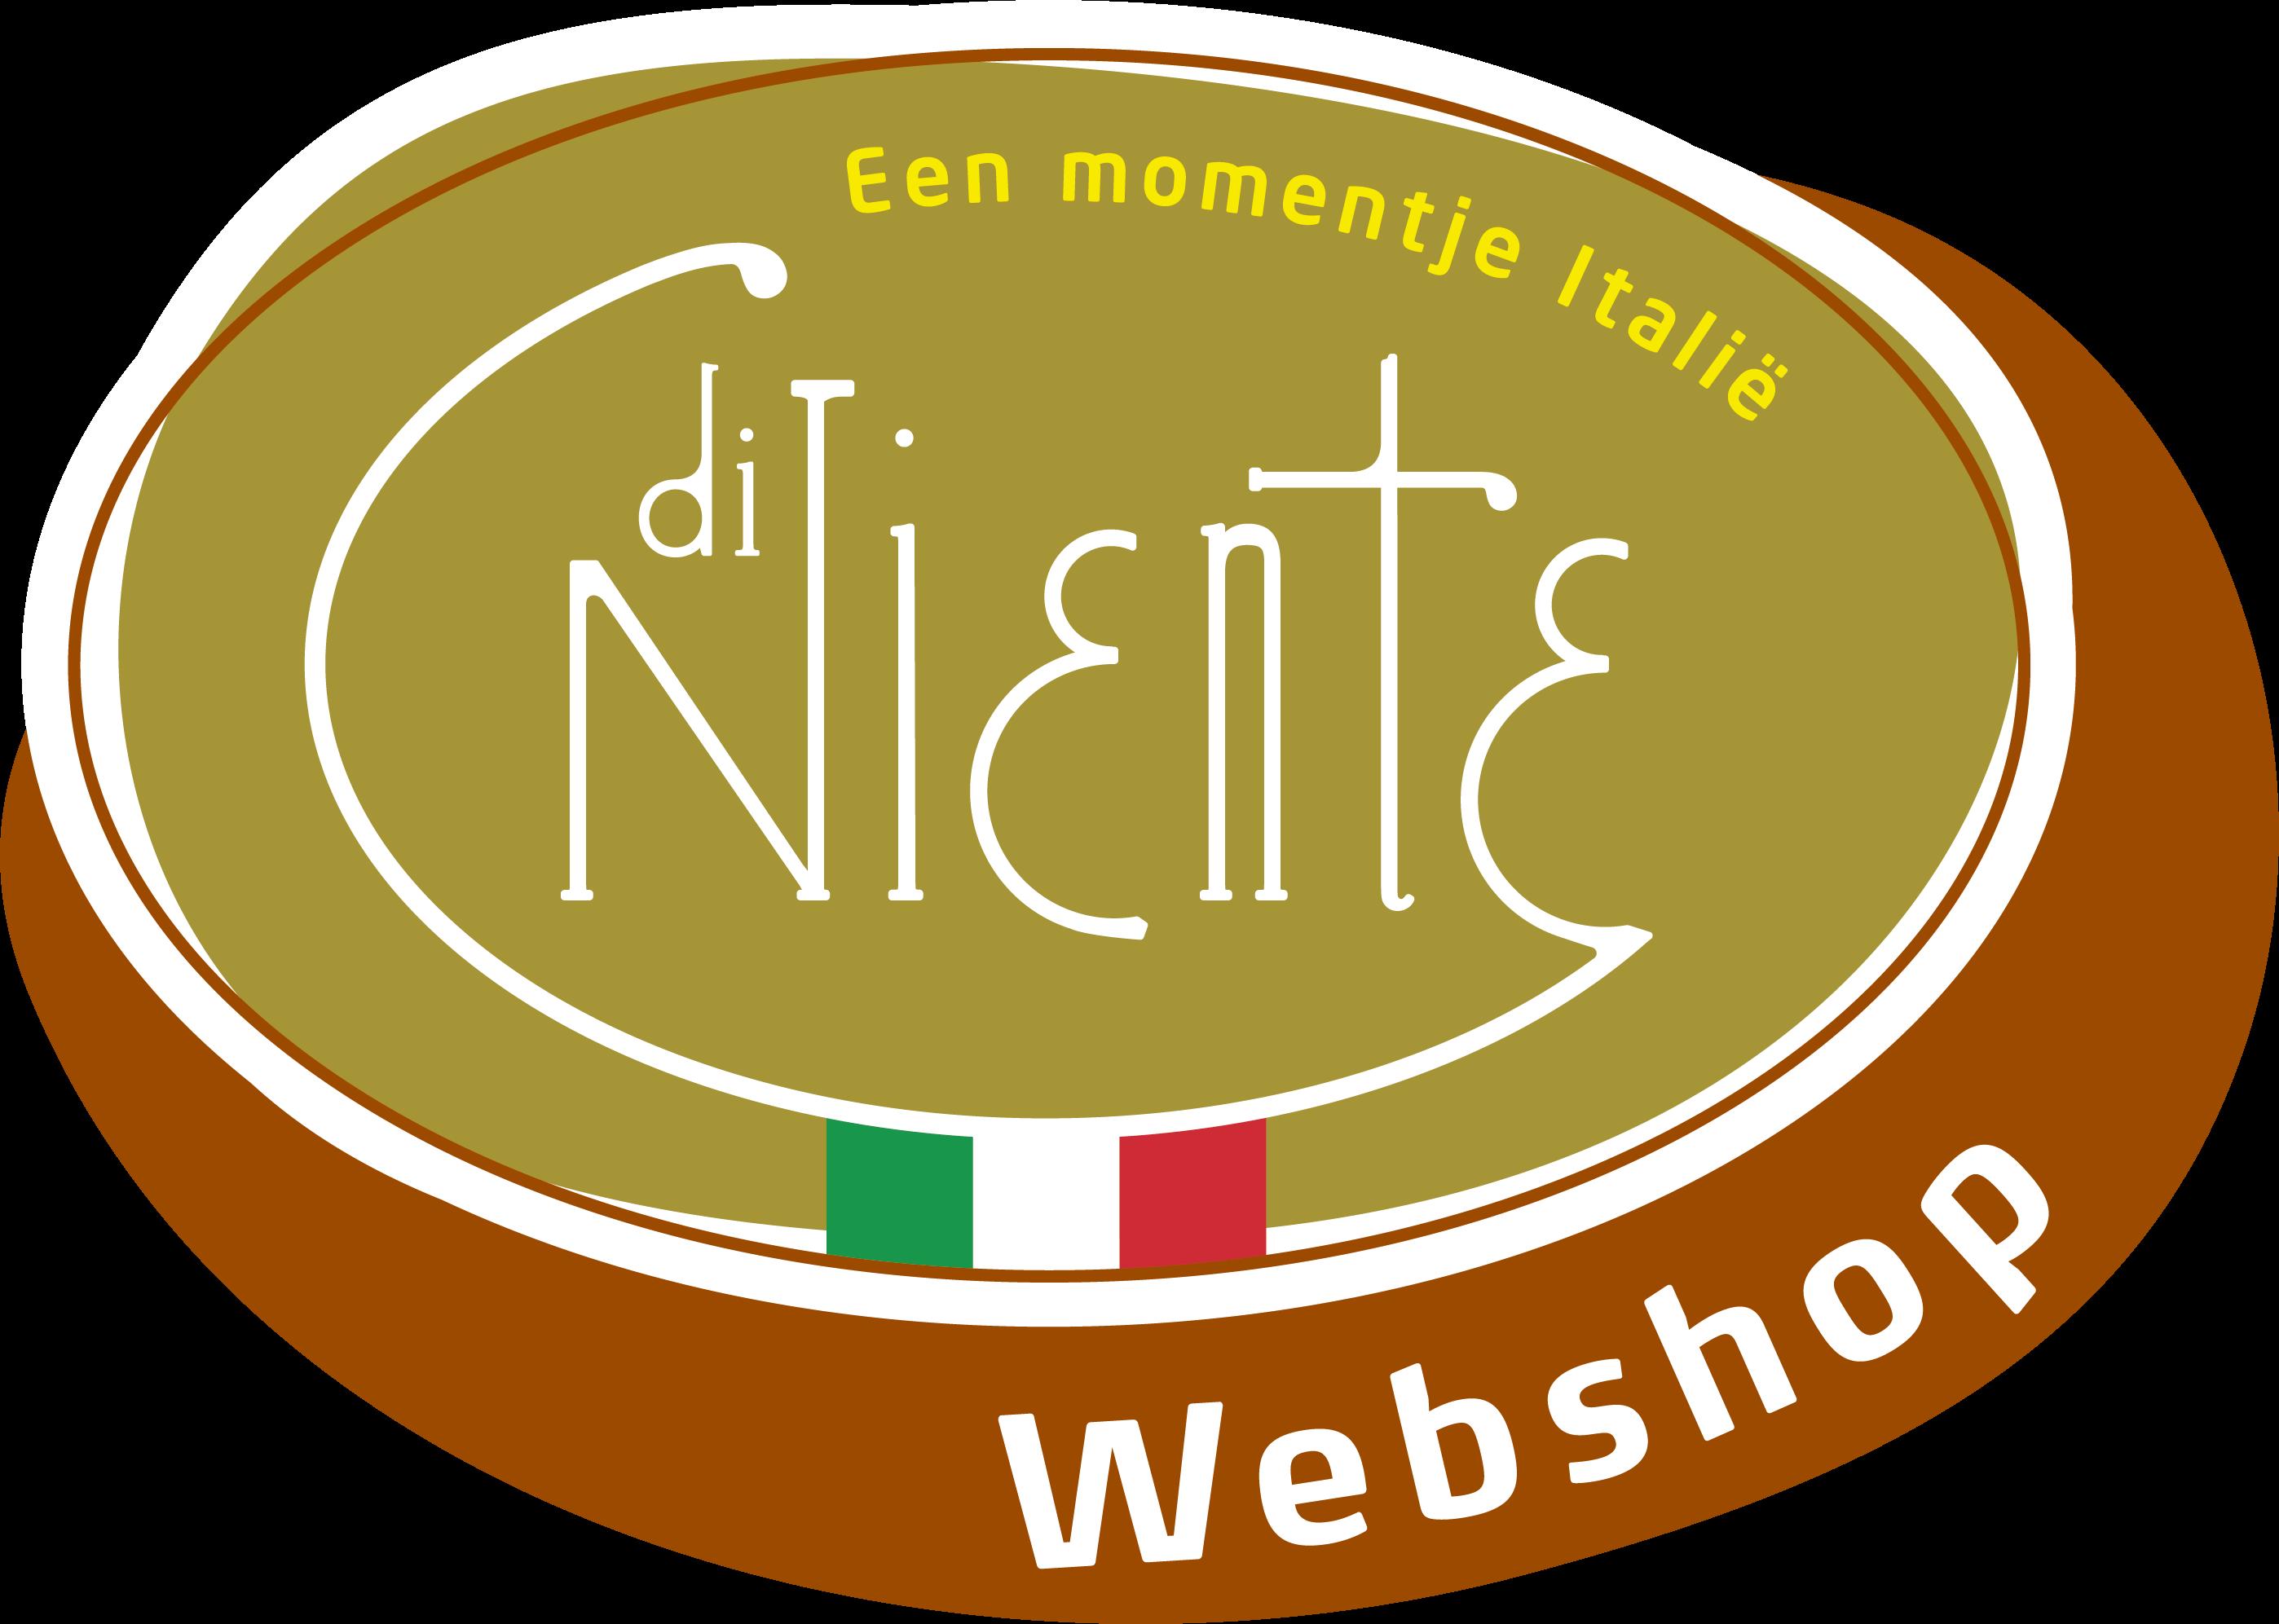 Diniente Webshop logo